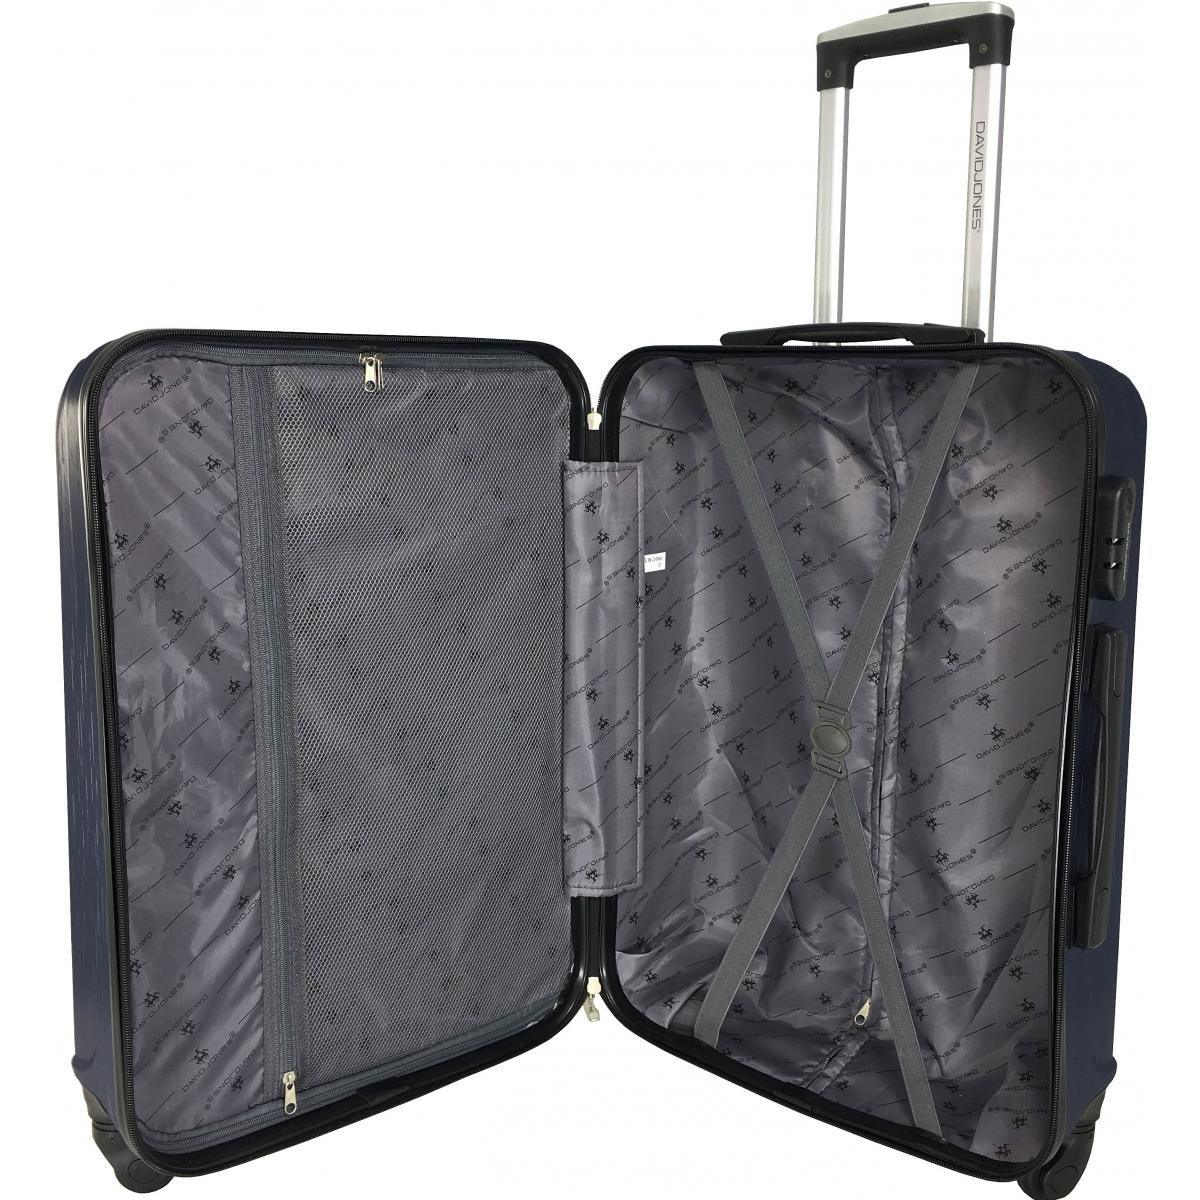 lot 3 valises dont 1 valise cabine david jones gris ba10293 gris couleur principale gris. Black Bedroom Furniture Sets. Home Design Ideas